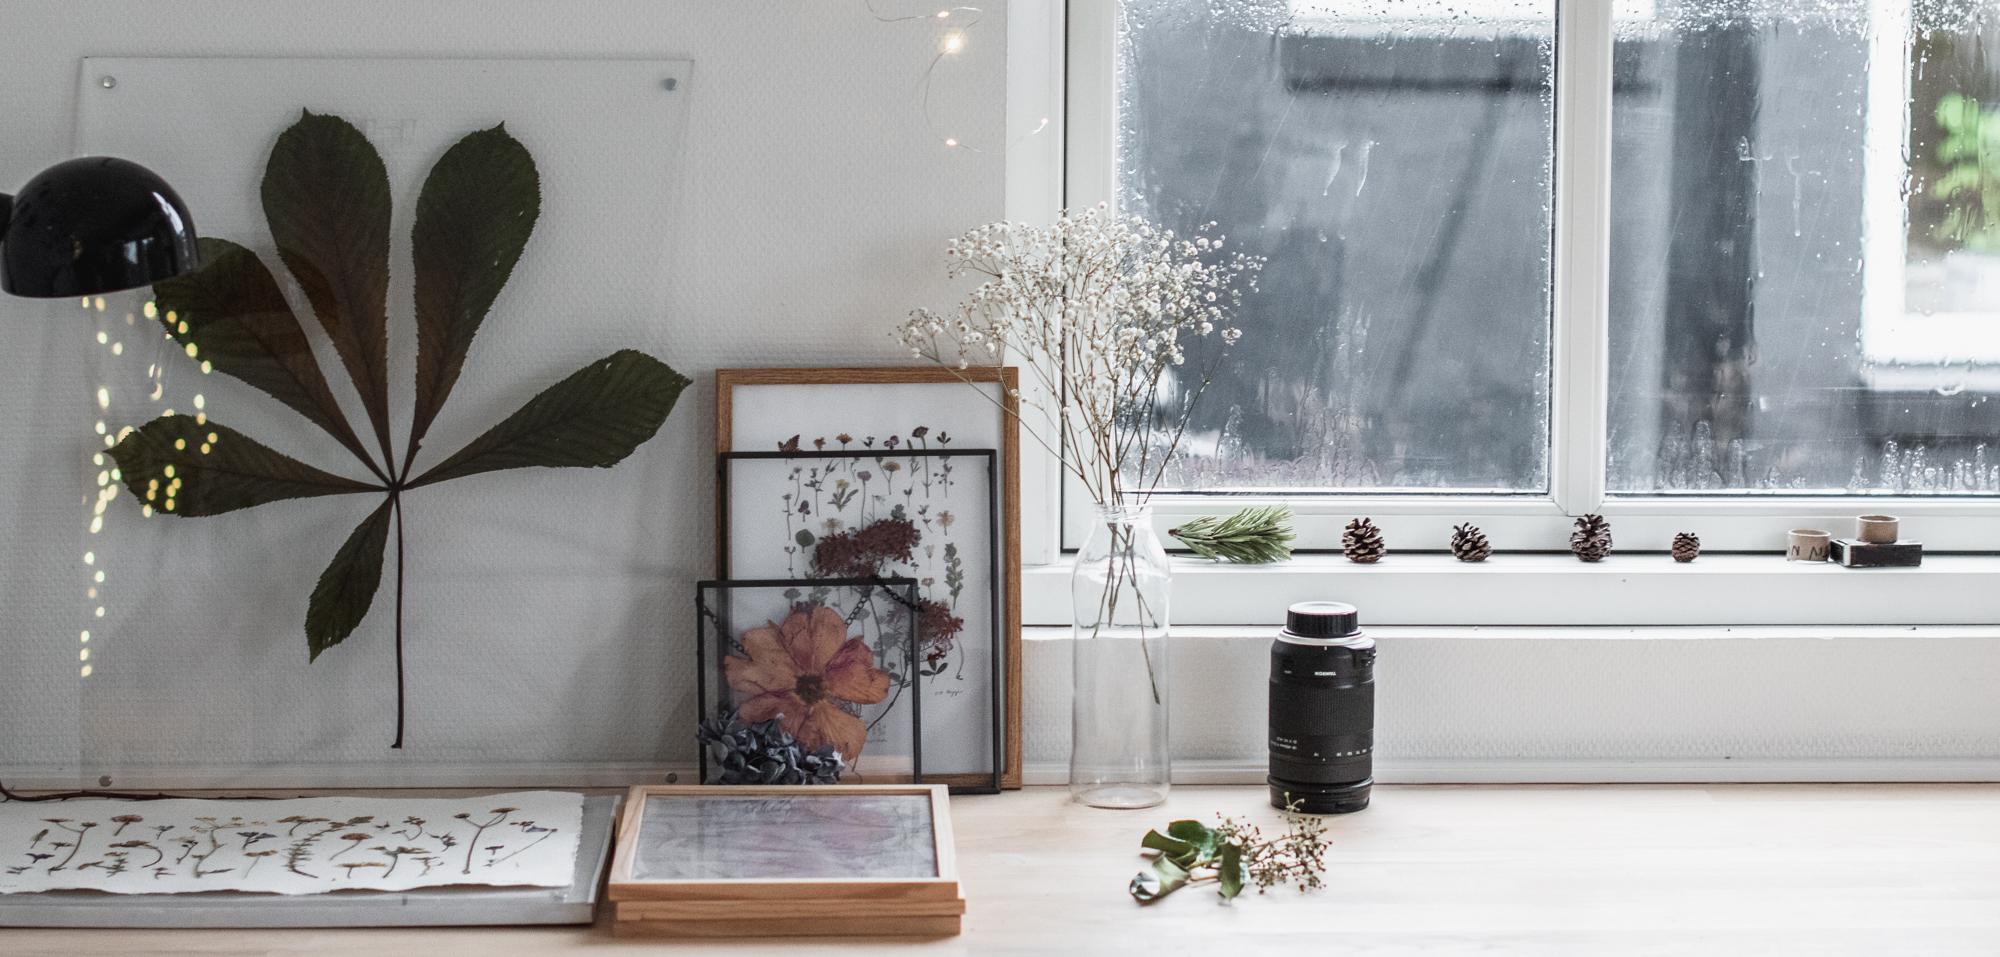 Lise Kryger Studio